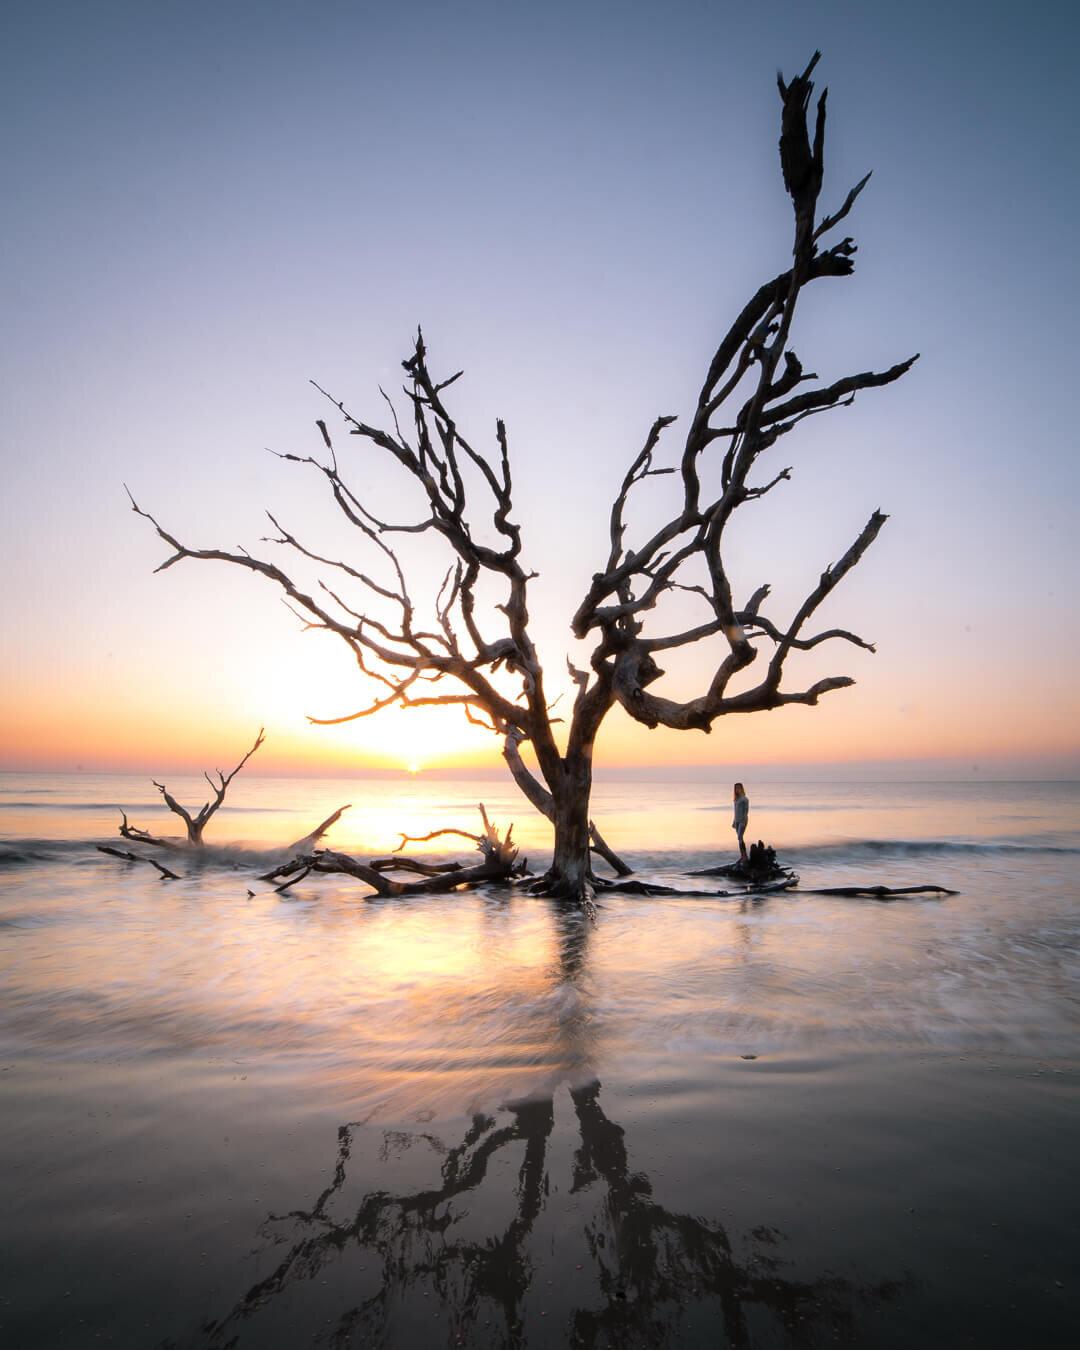 Sunrise on the coast of Georgia.